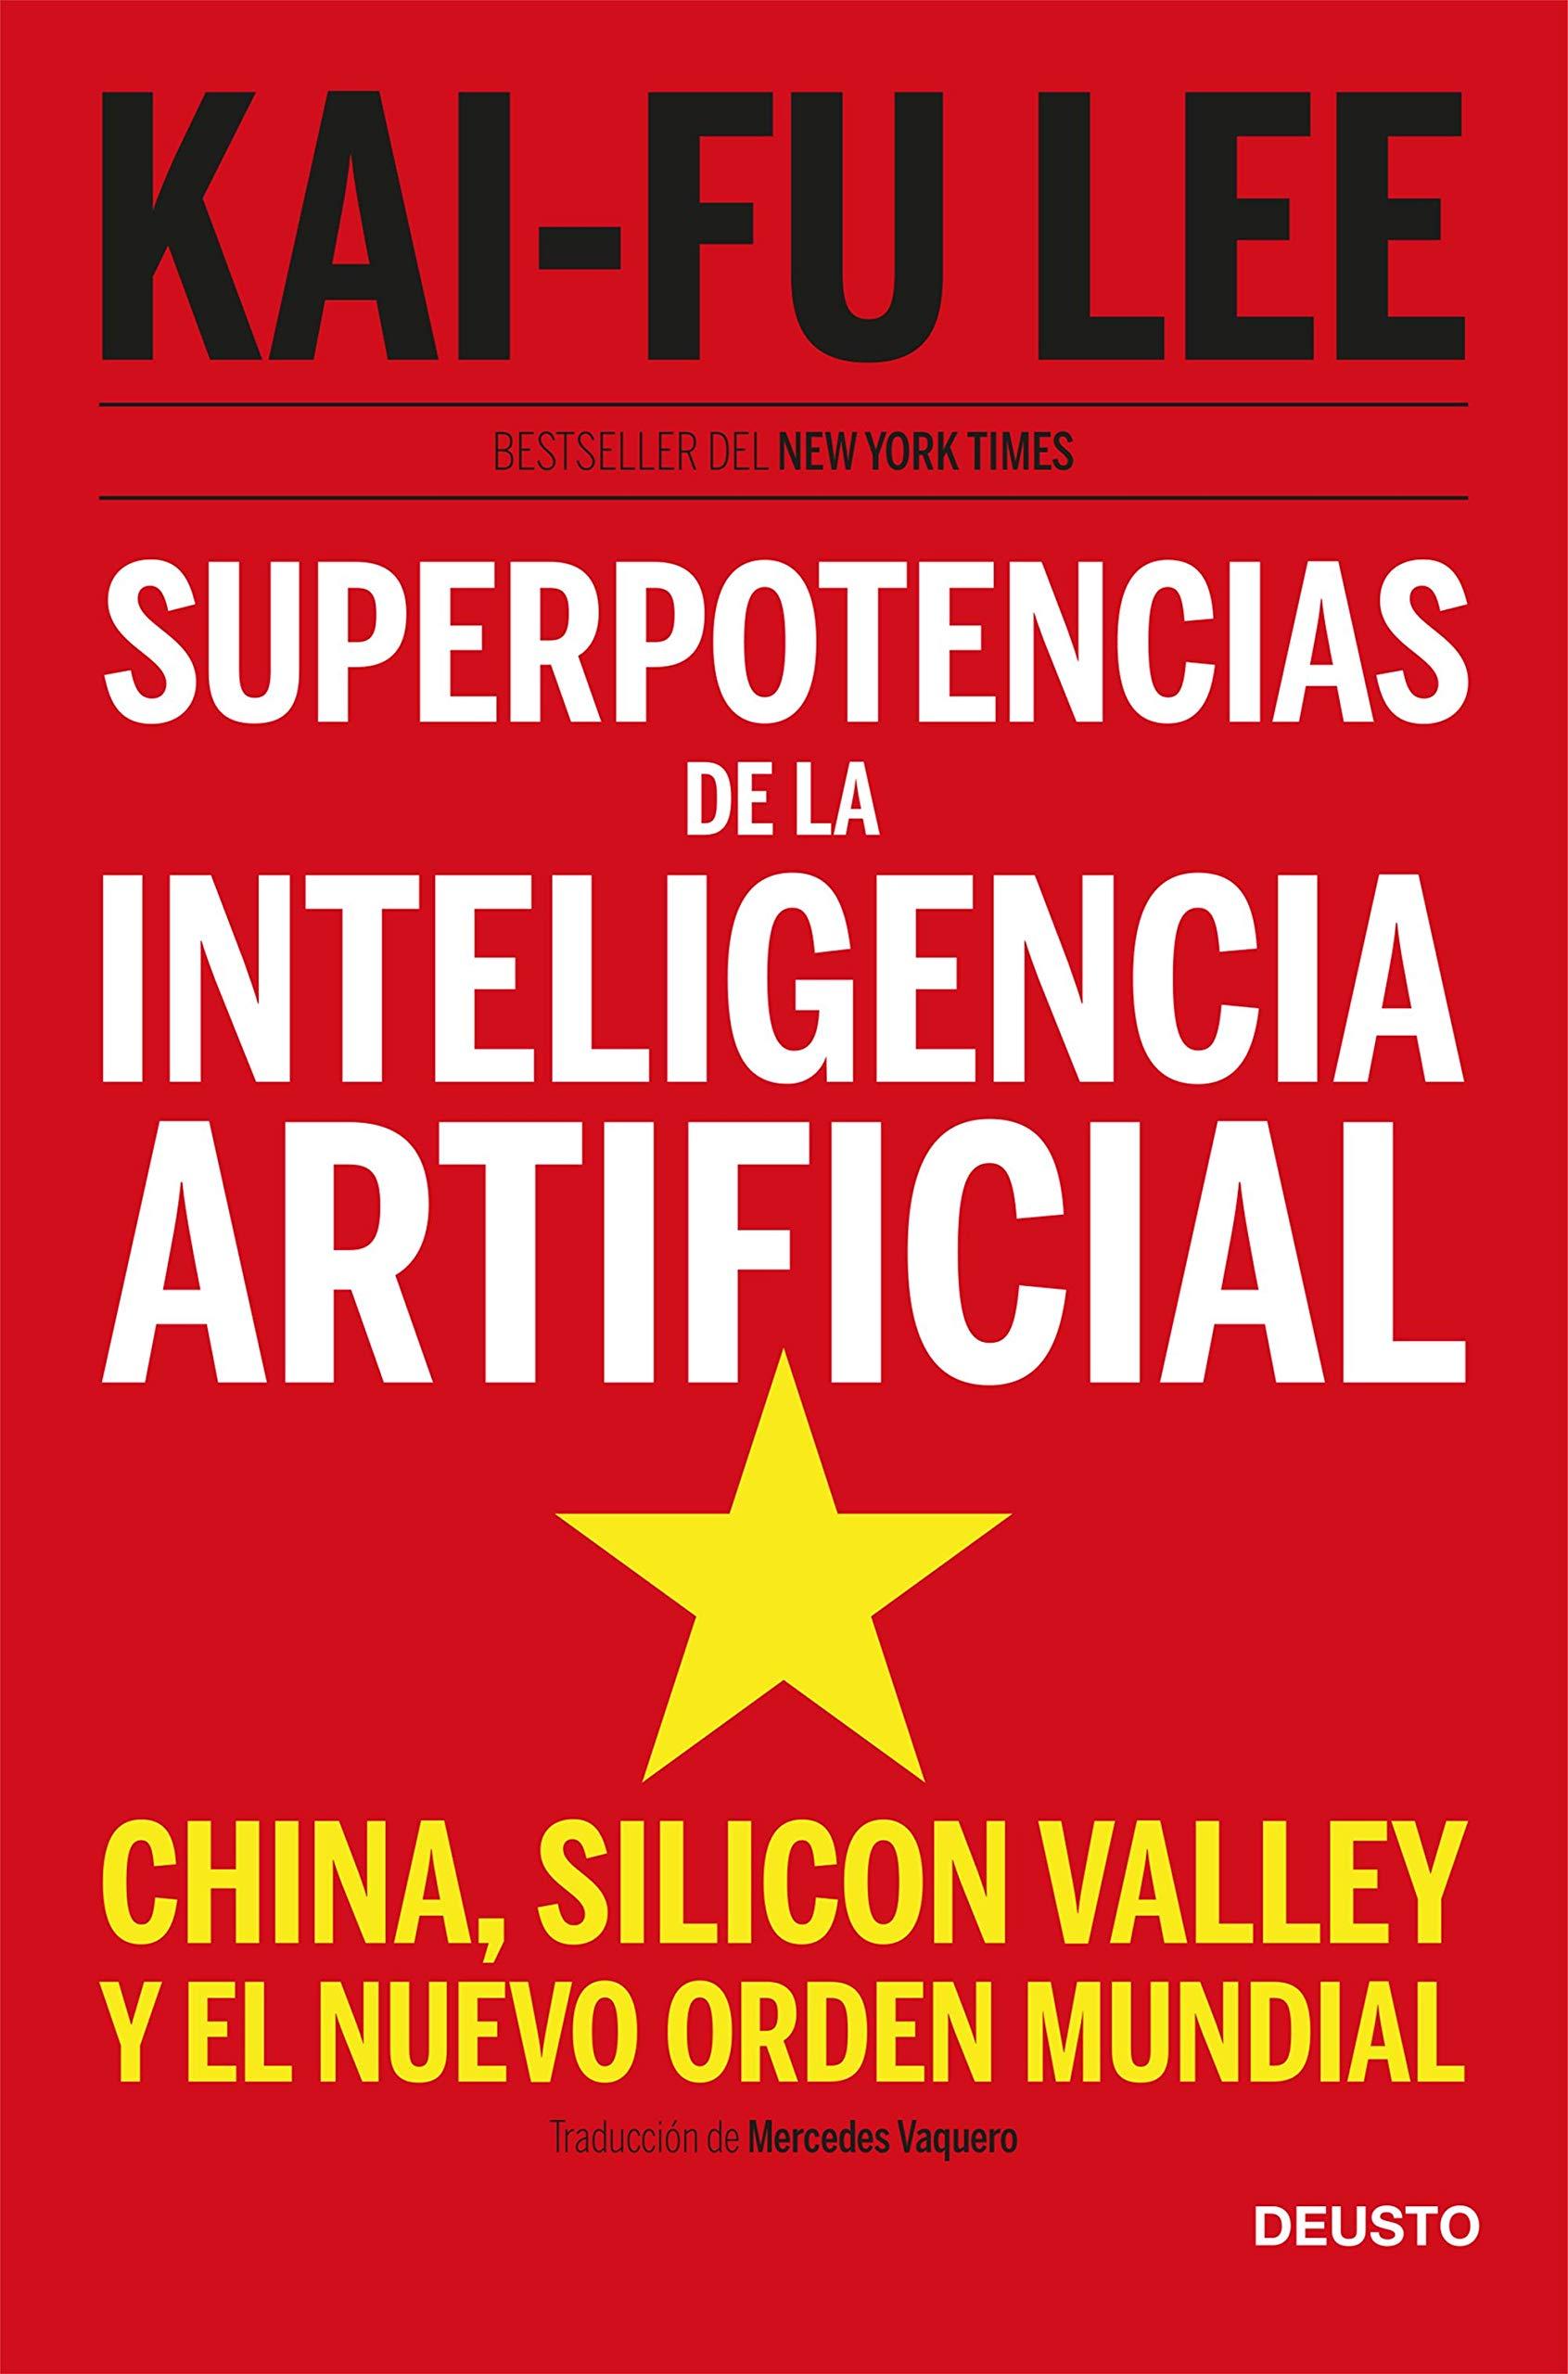 Superpotencias de la inteligencia artificial: China, Silicon Valley y el nuevo orden mundial.